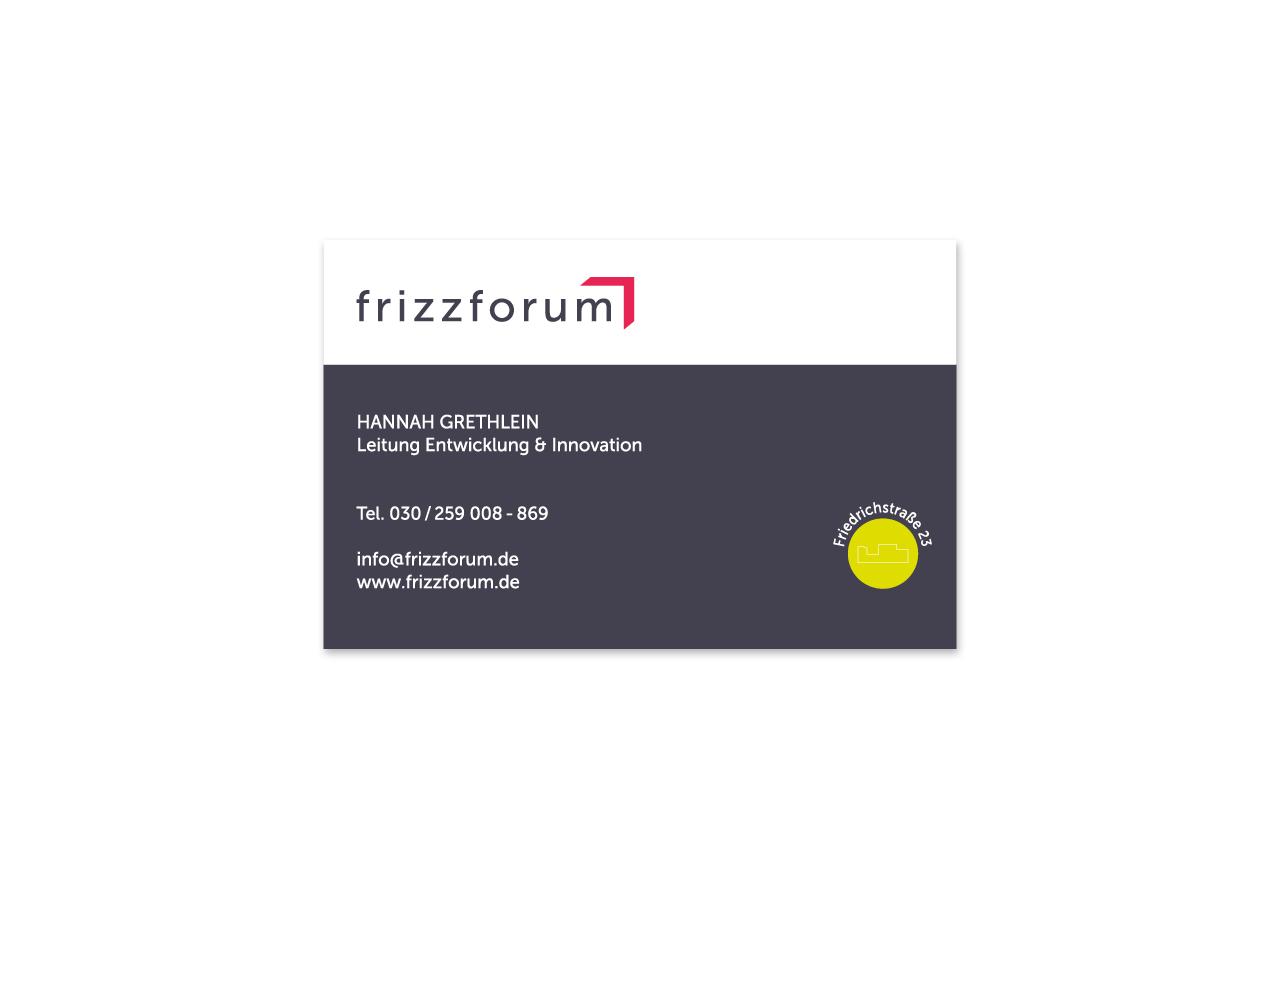 Caroline-Rismont-Frizzforum-VK